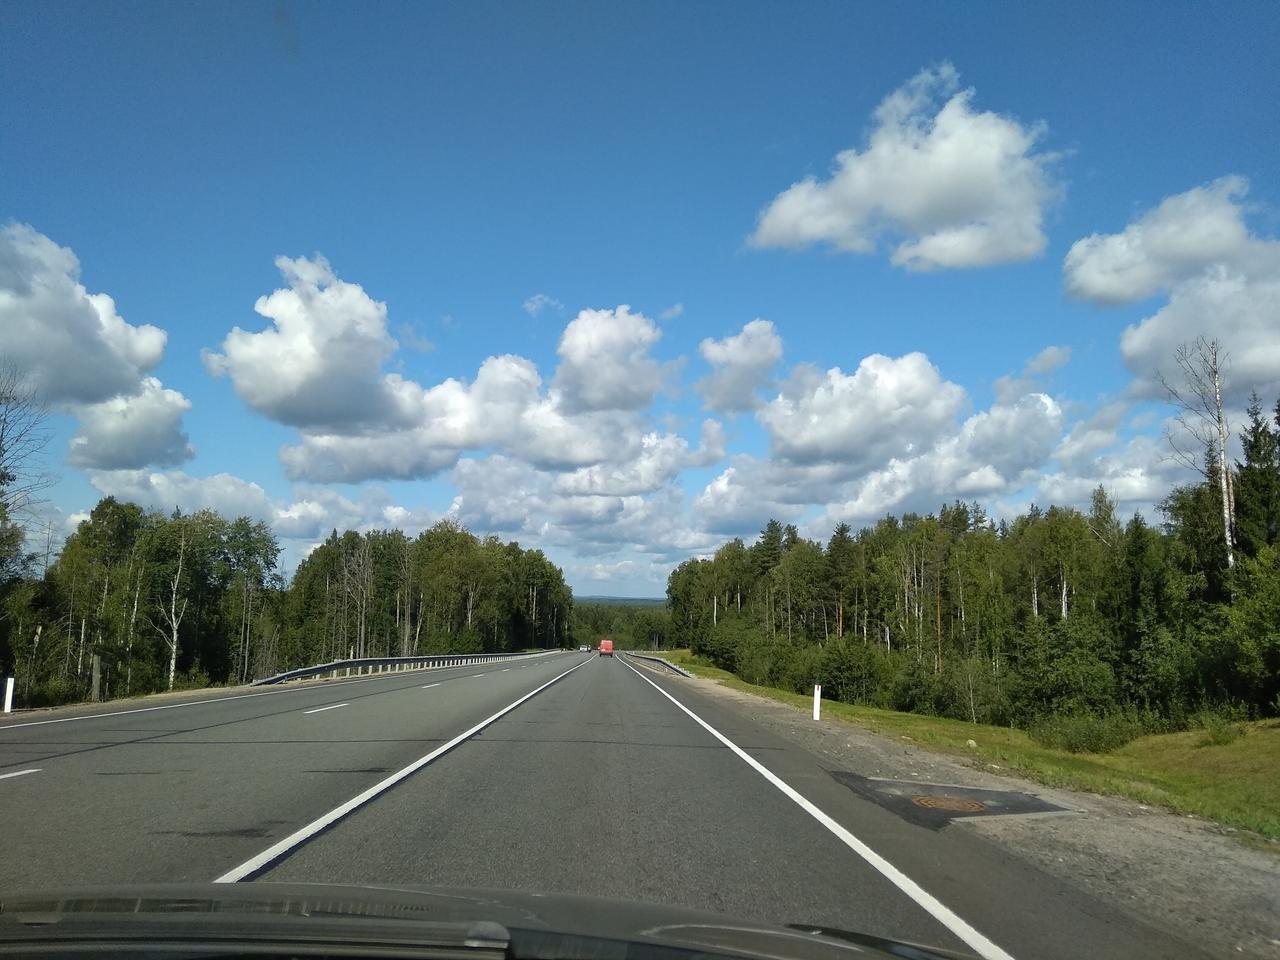 fdc6b42a83045 Дорога на север — это не только полторы тысячи вёрст дороги, но и  достаточное количество различных интересных мест, первым был палеовулкан  Гирвас. Немногим ...